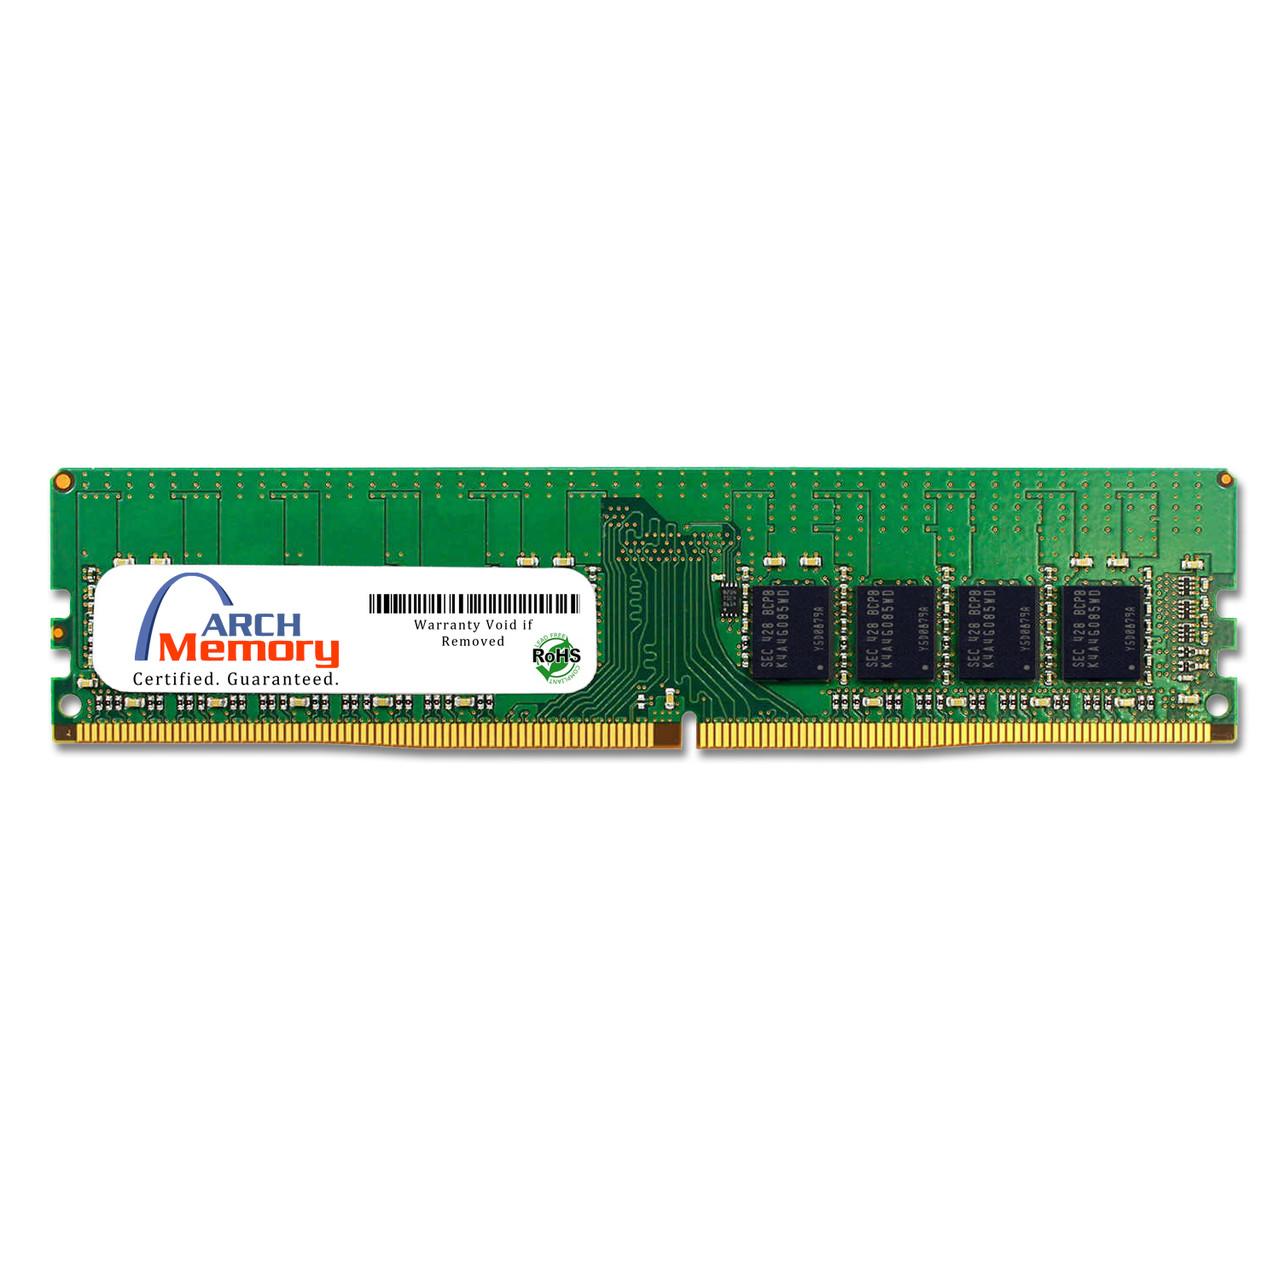 8GB 288-PIN DDR4-2666 PC4-21300 ECC UDIMM Server RAM